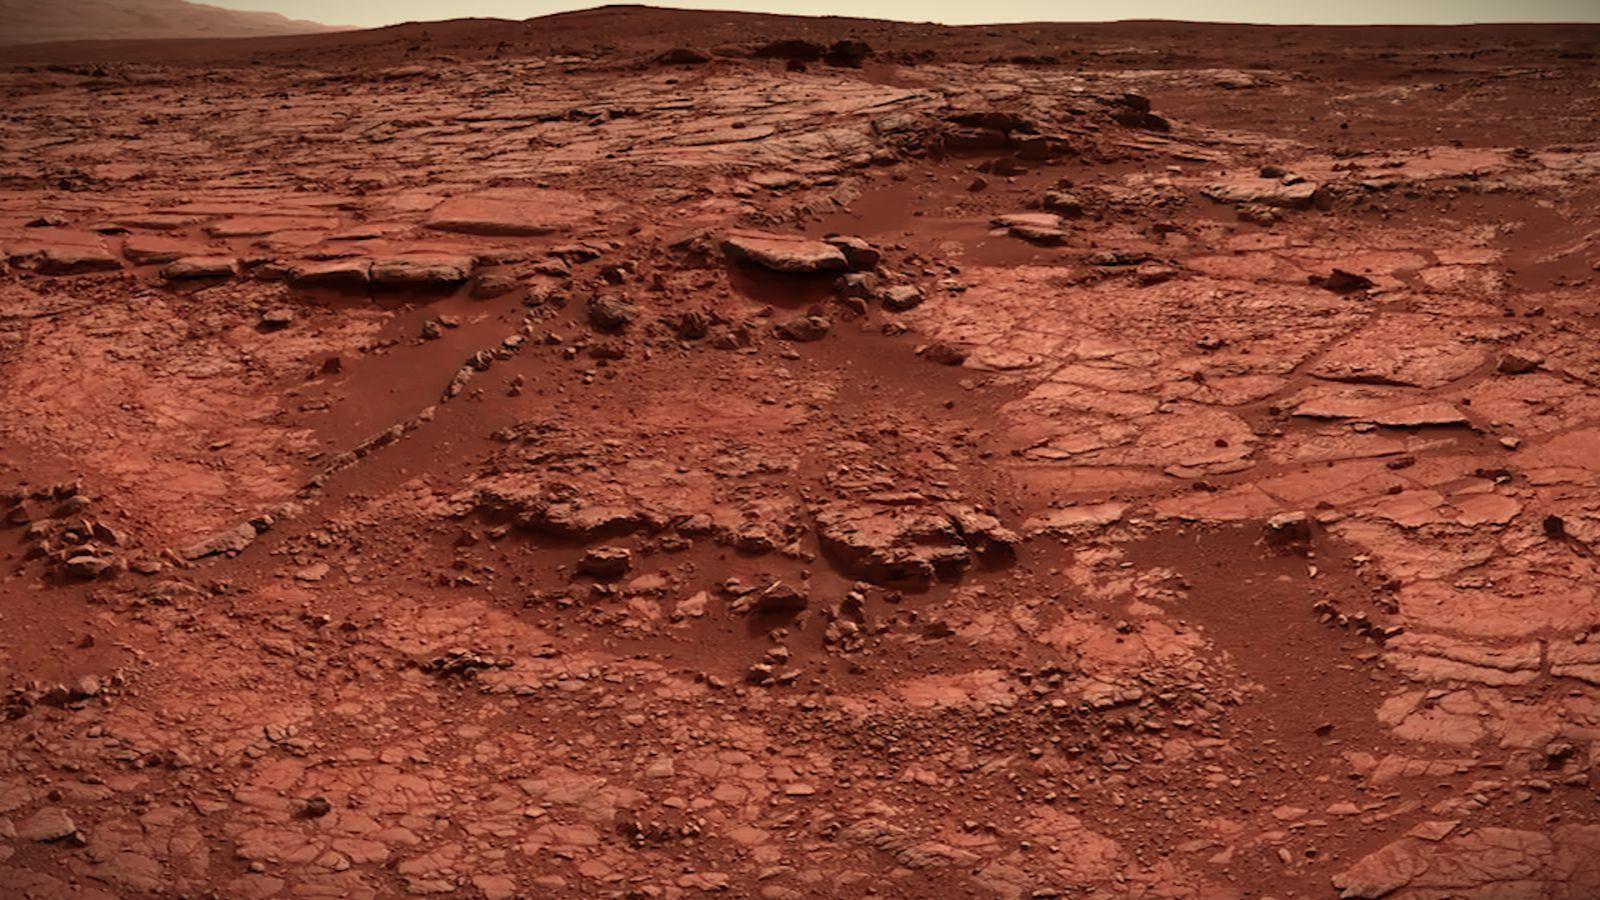 фото марса планета марс меня блоге есть